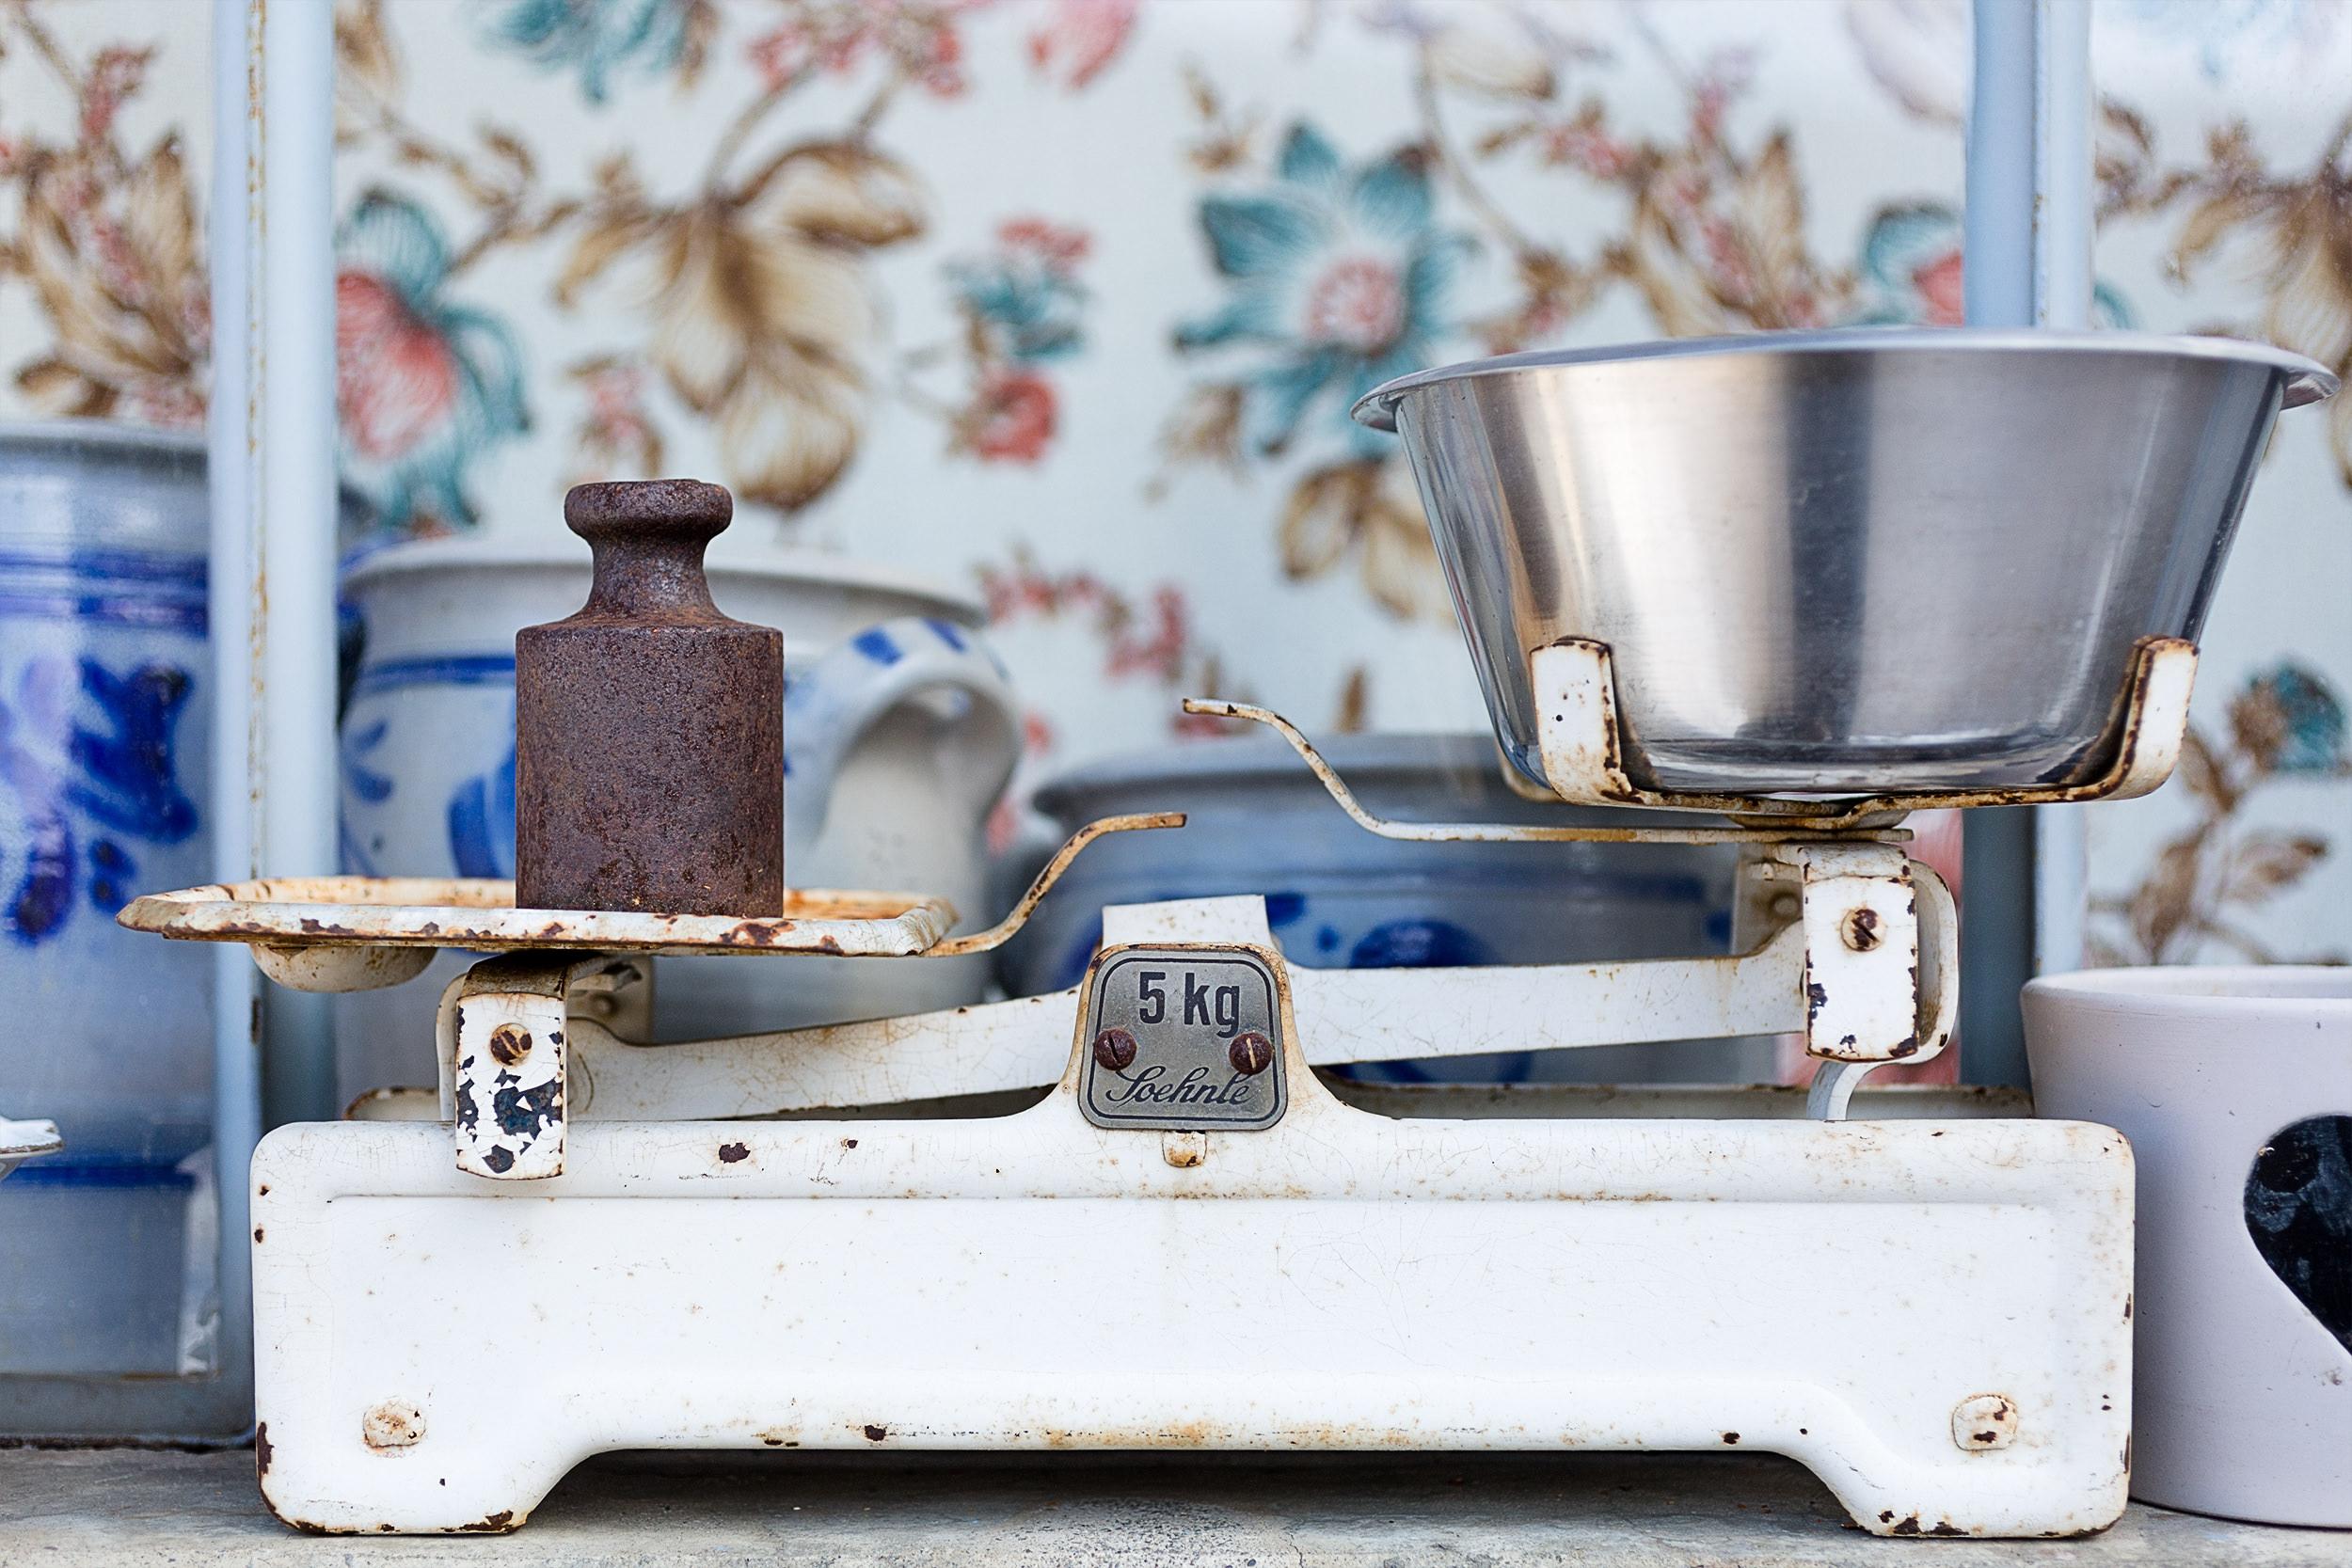 Bild einer alten Küchenwaage mit zwei Gewichten darauf. Lösung für das Blogspiel 'Bigger Picture Crads' im Monat März 2018.